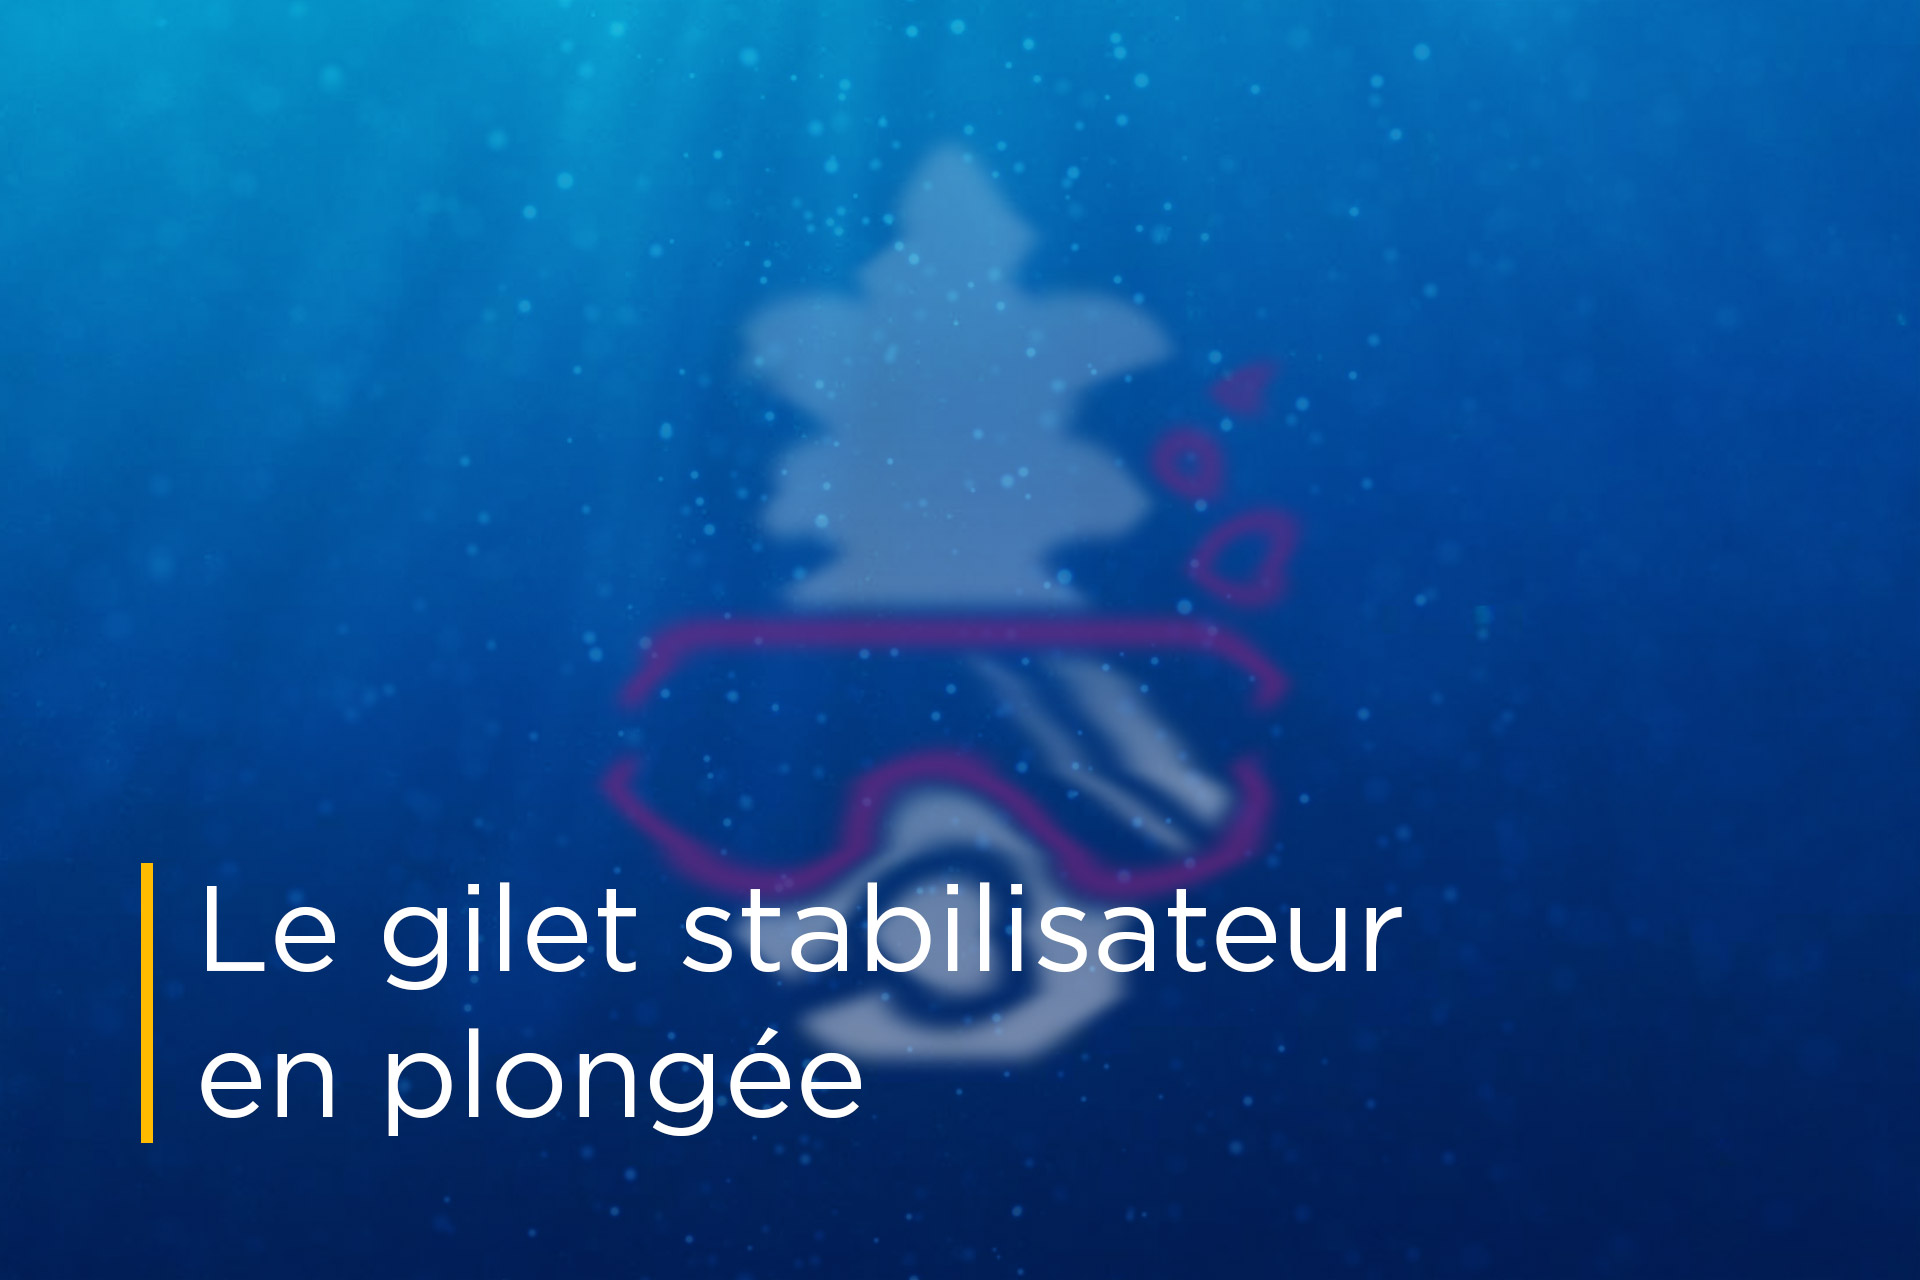 Cours théorique : Le gilet stabilisateur en plongée